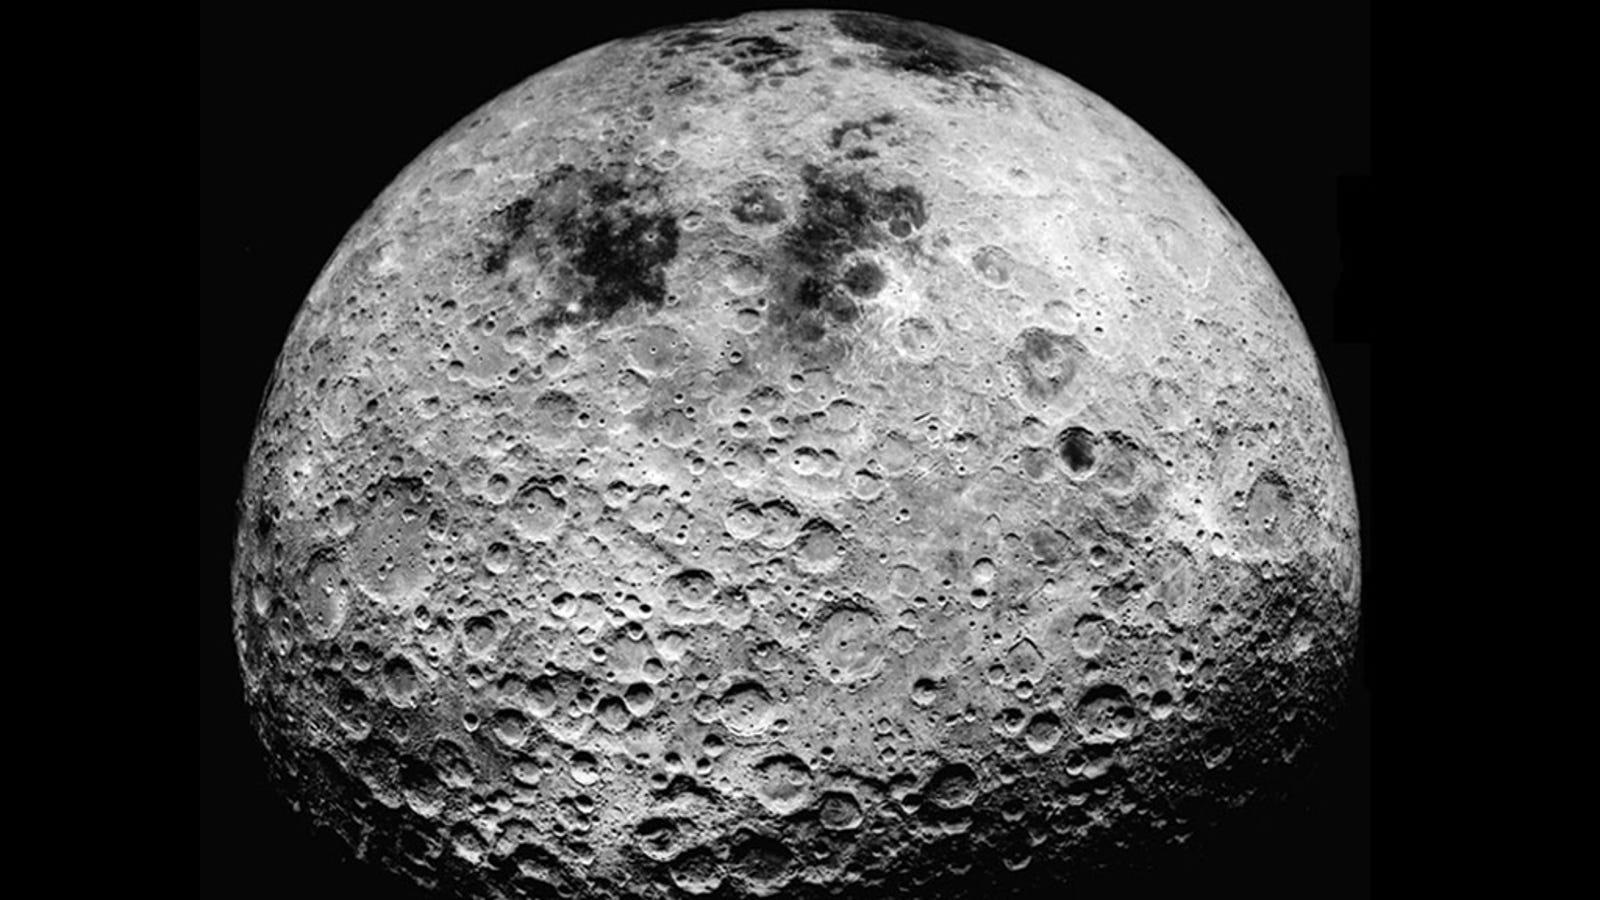 L'image du Jour : La face cachée de la la lune dévoile ses mystères (vidéo) By Jack35 Nvrkjbl7gr0h6uud3nqe